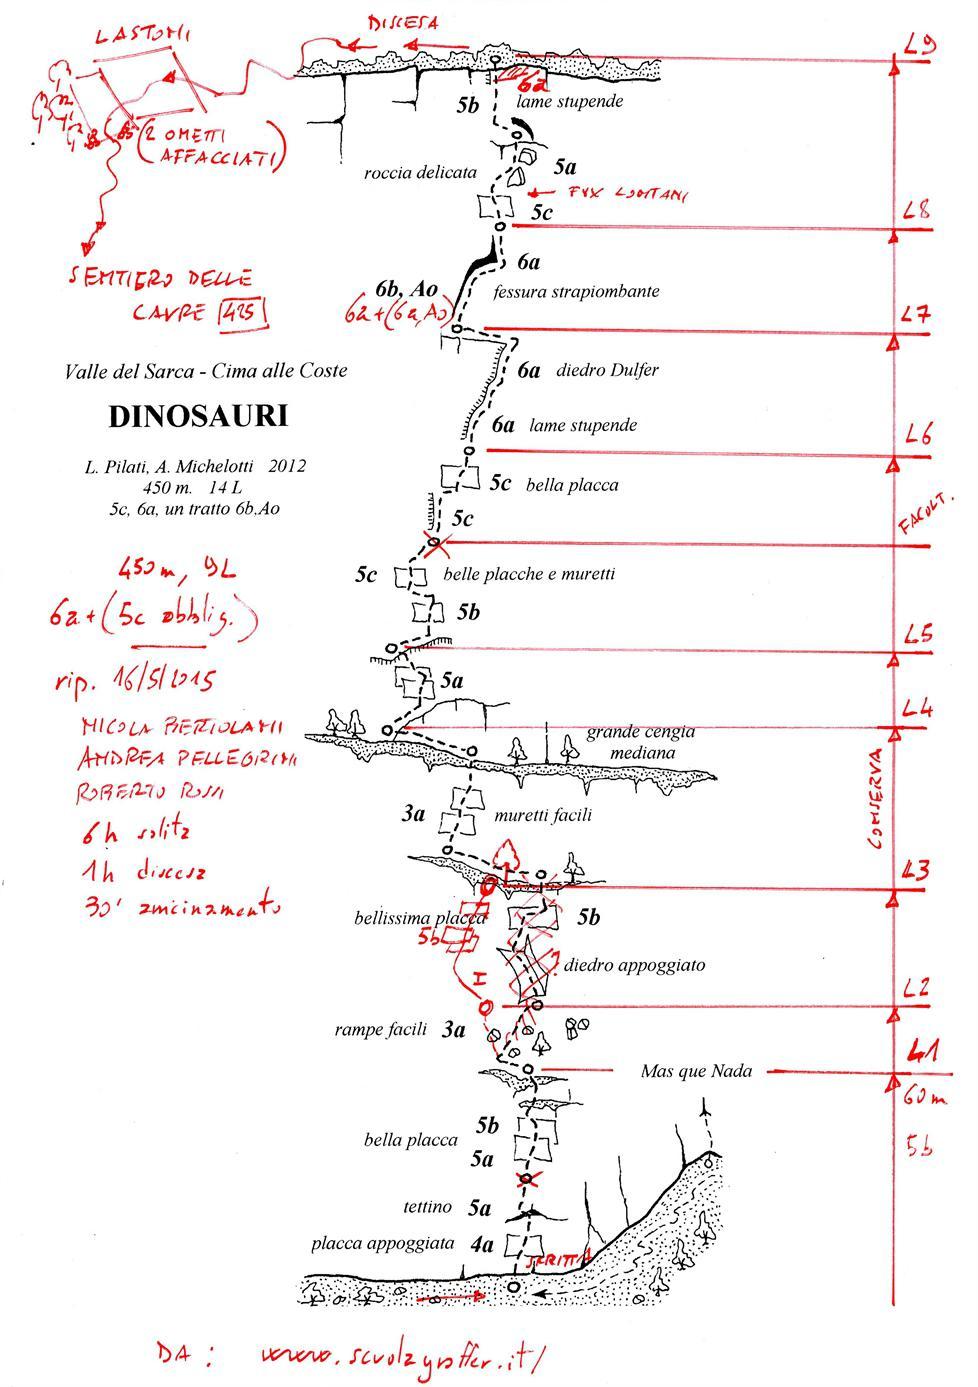 Dinosauri 2015-05-16